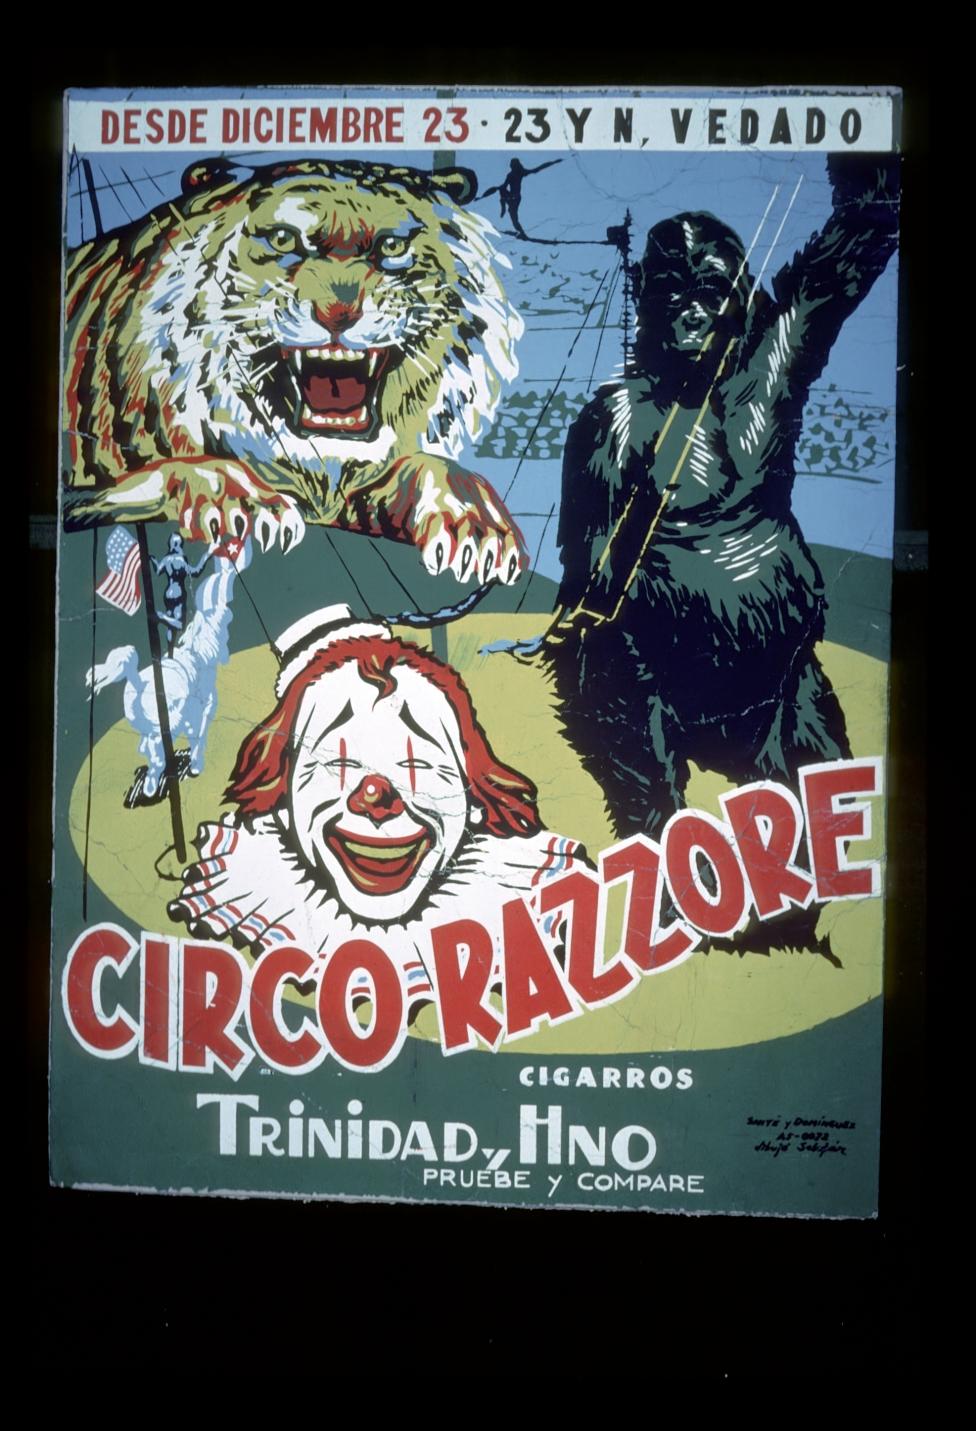 1958 - FOTOS DE CUBA ! SOLAMENTES DE ANTES DEL 1958 !!!! - Página 17 C-205